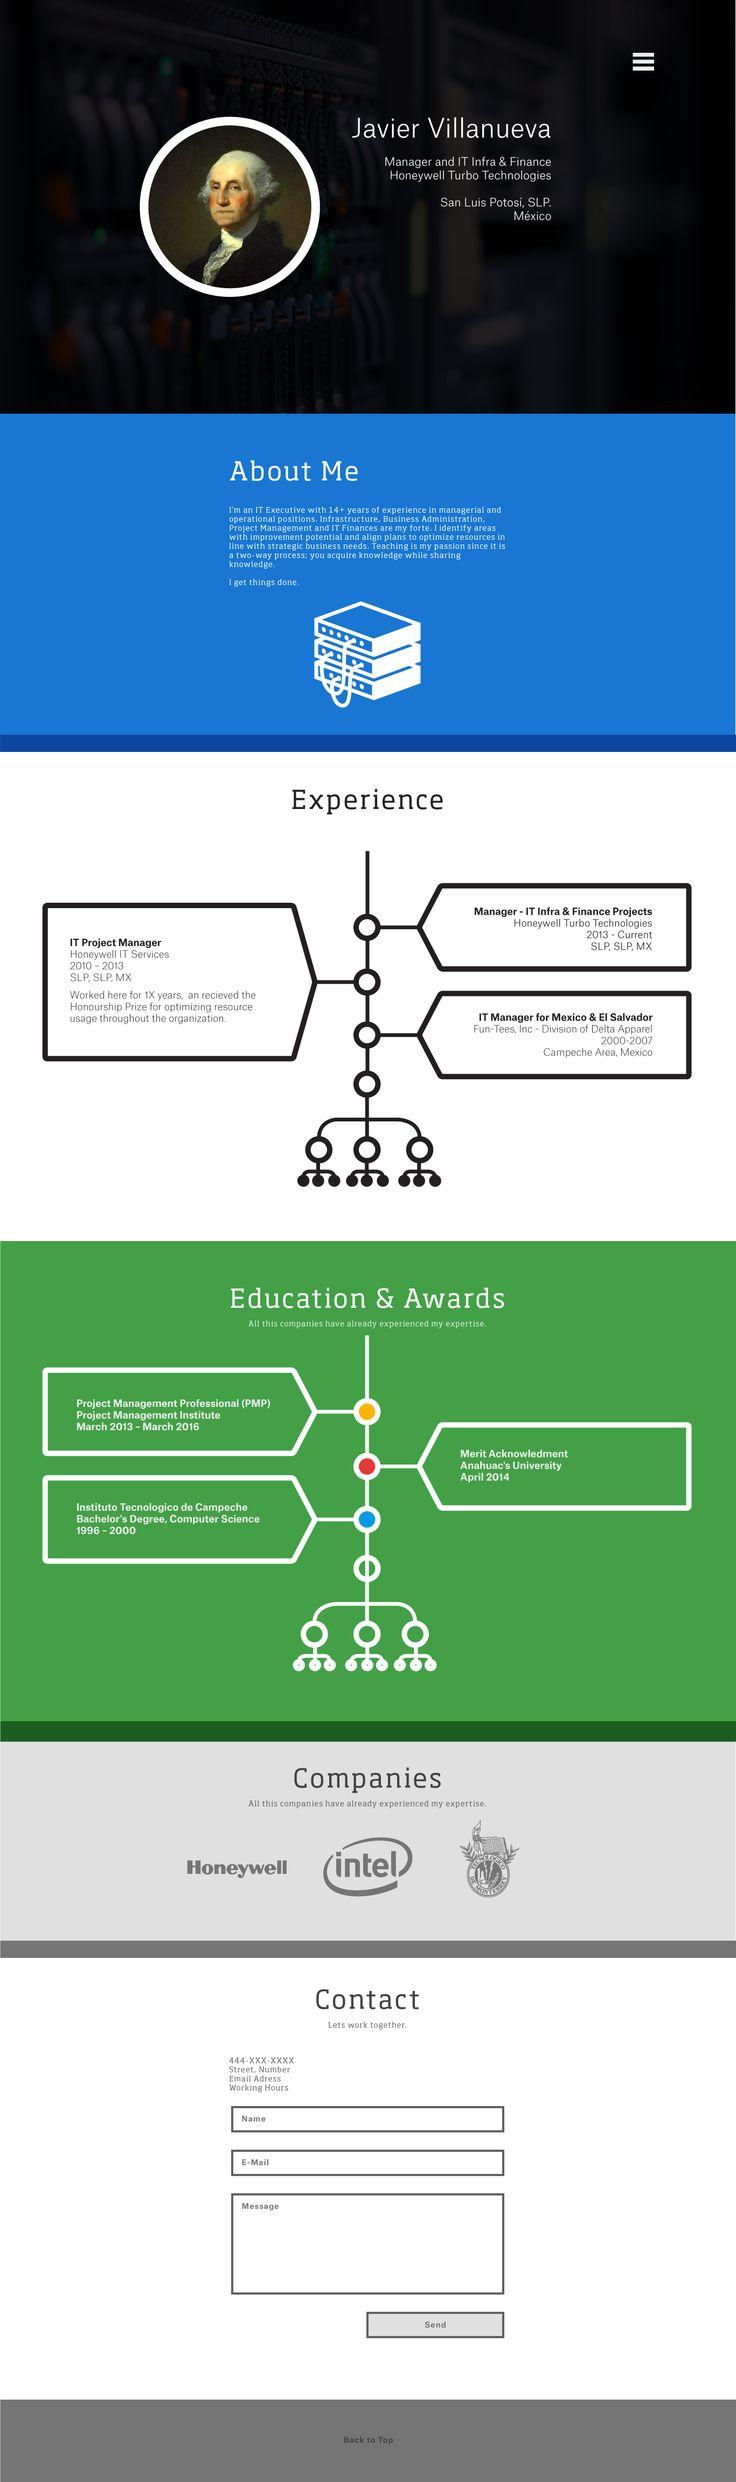 Personal Branding Mockup, reflejamos interactividad con las líneas del tiempo.  Personal Branding Mockup, we play with the interactive time lines.